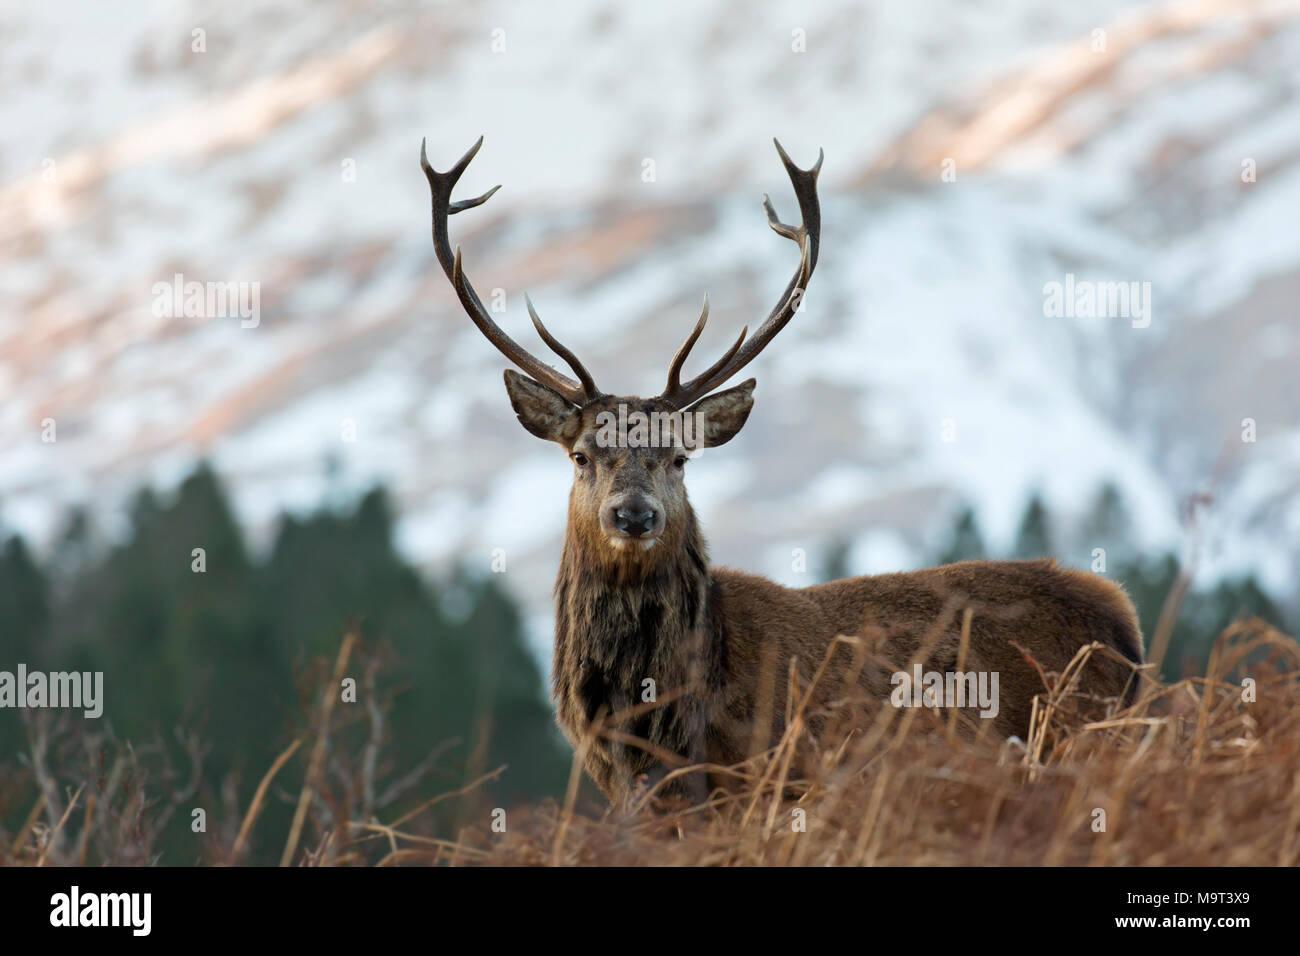 El ciervo rojo / macho de ciervo colorado (Cervus elaphus) en páramos en las montañas en el invierno en las Tierras Altas de Escocia, Scotland, Reino Unido Foto de stock